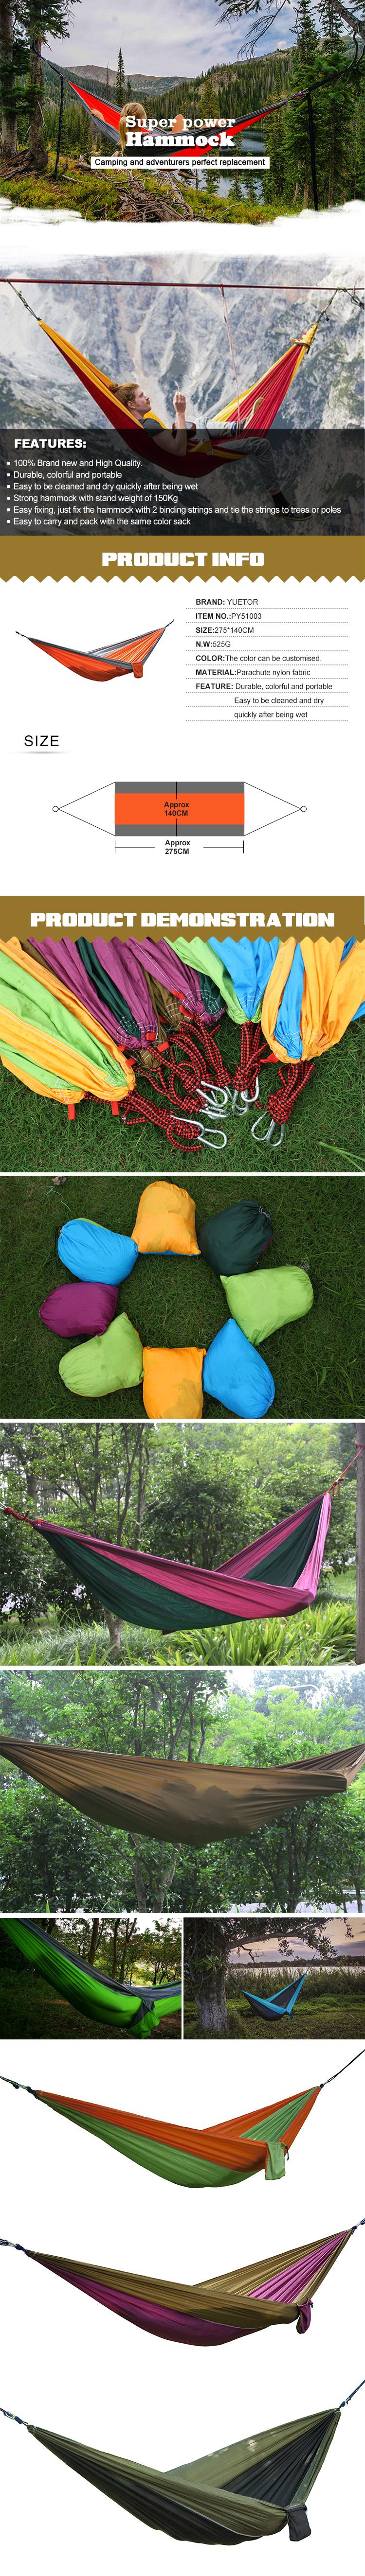 Outdoor Camping Hammock PY51003Nylon Material.jpg